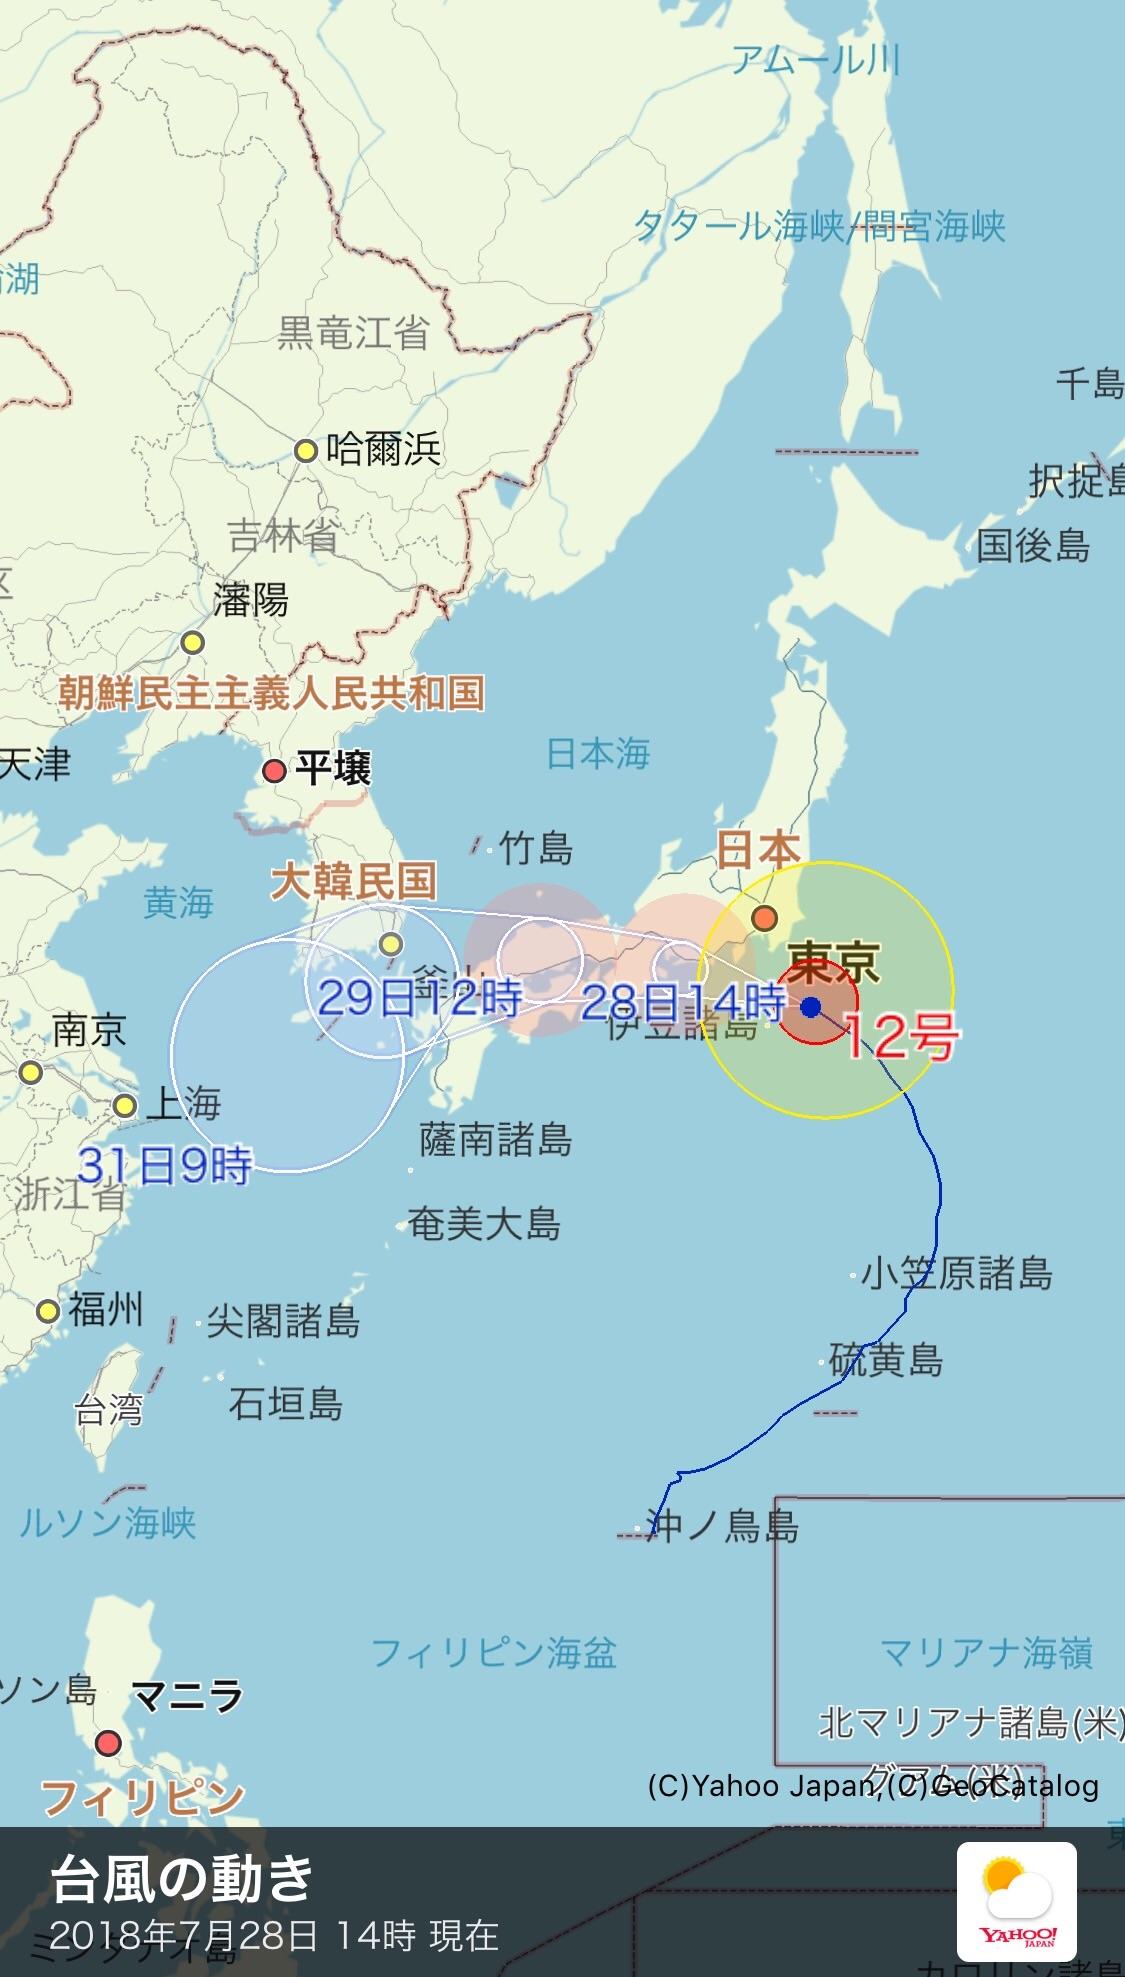 西進するという異例の進路をとった2018年の台風12号「ジョンダリ」.画像はヤフー天気の2018年7月28日14時の予想進路.